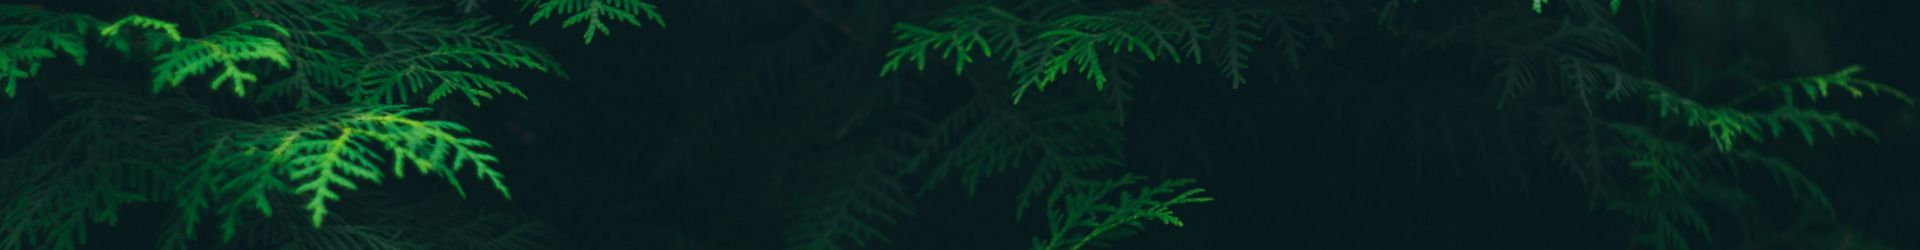 tuia listva derevo kust temno zelenyi fon 2